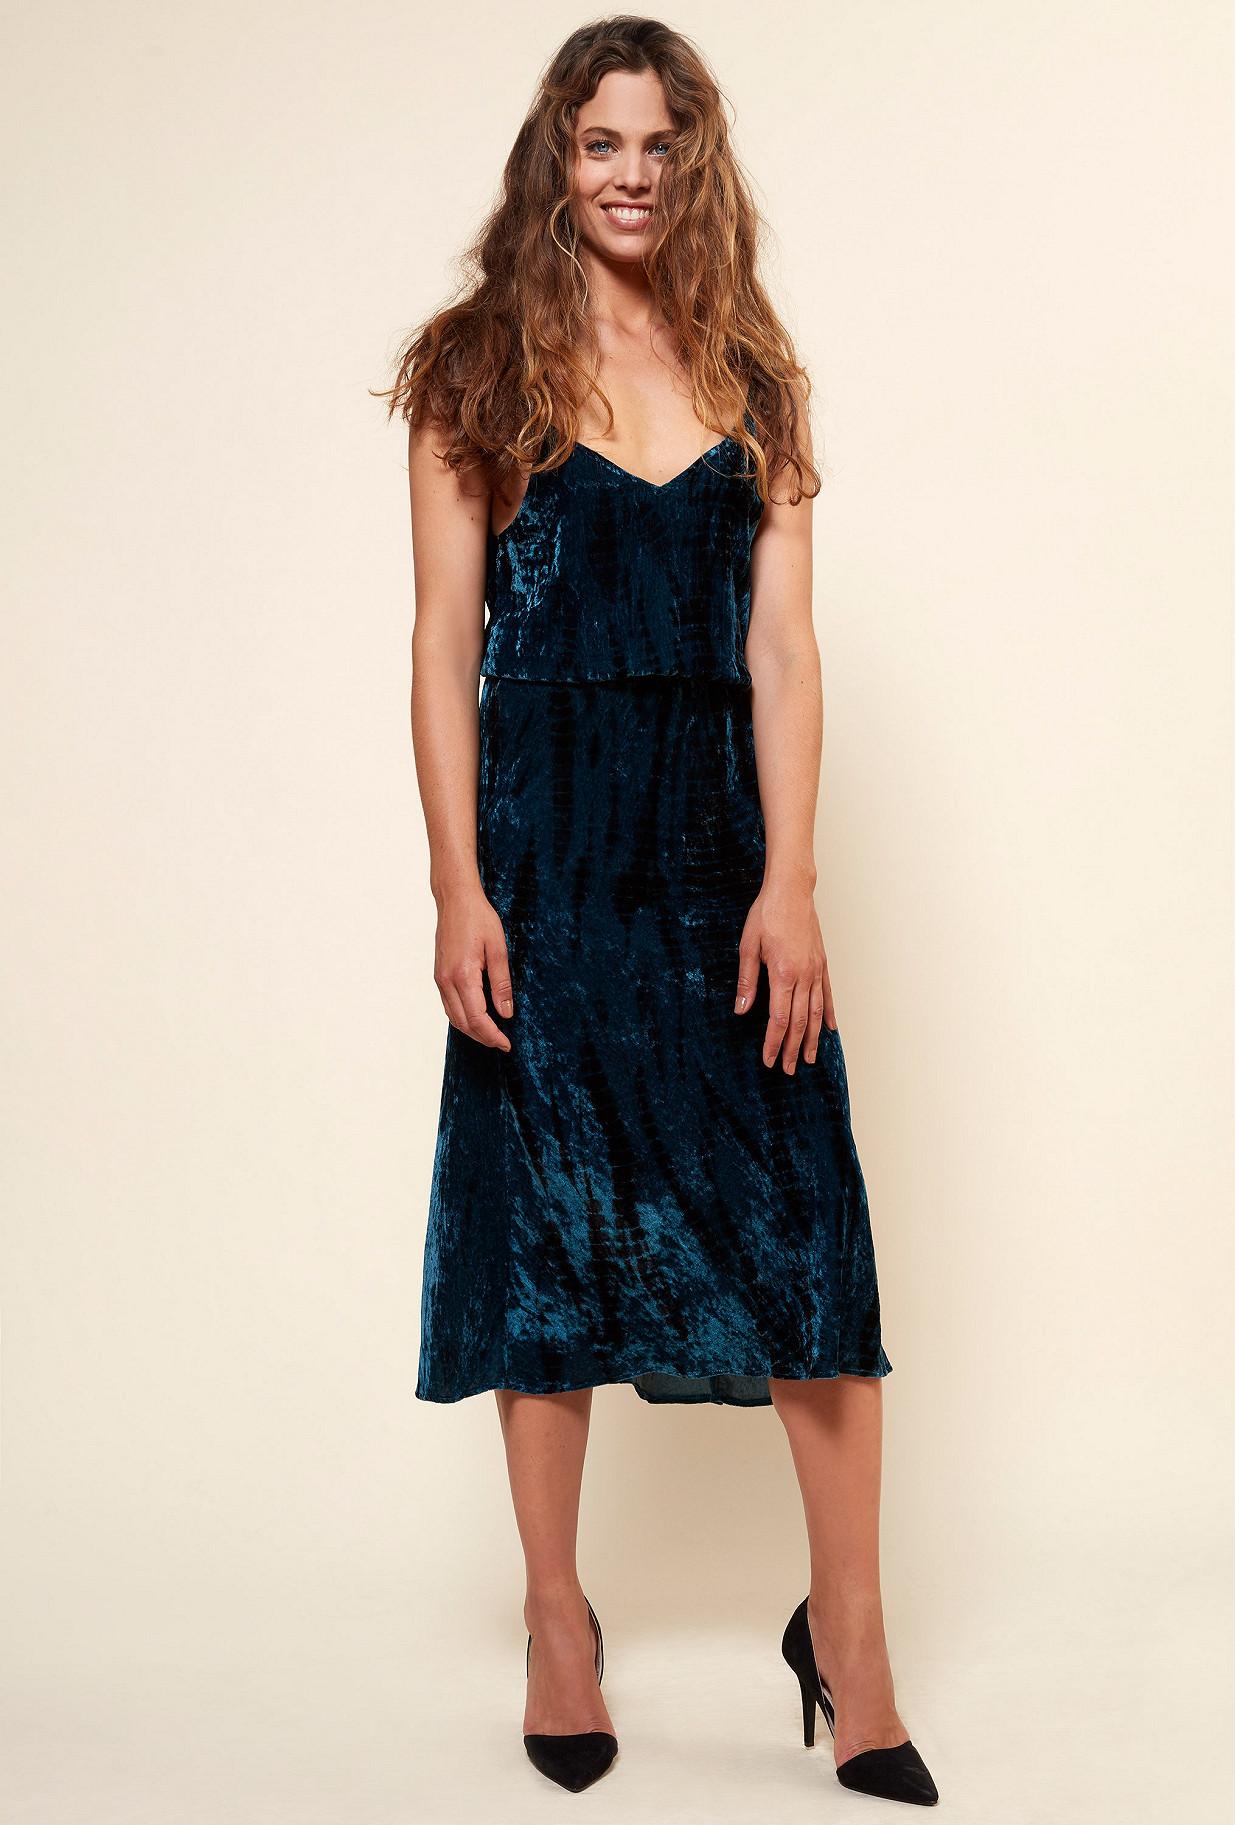 Paris boutique de mode vêtement Robe créateur bohème  Suzie